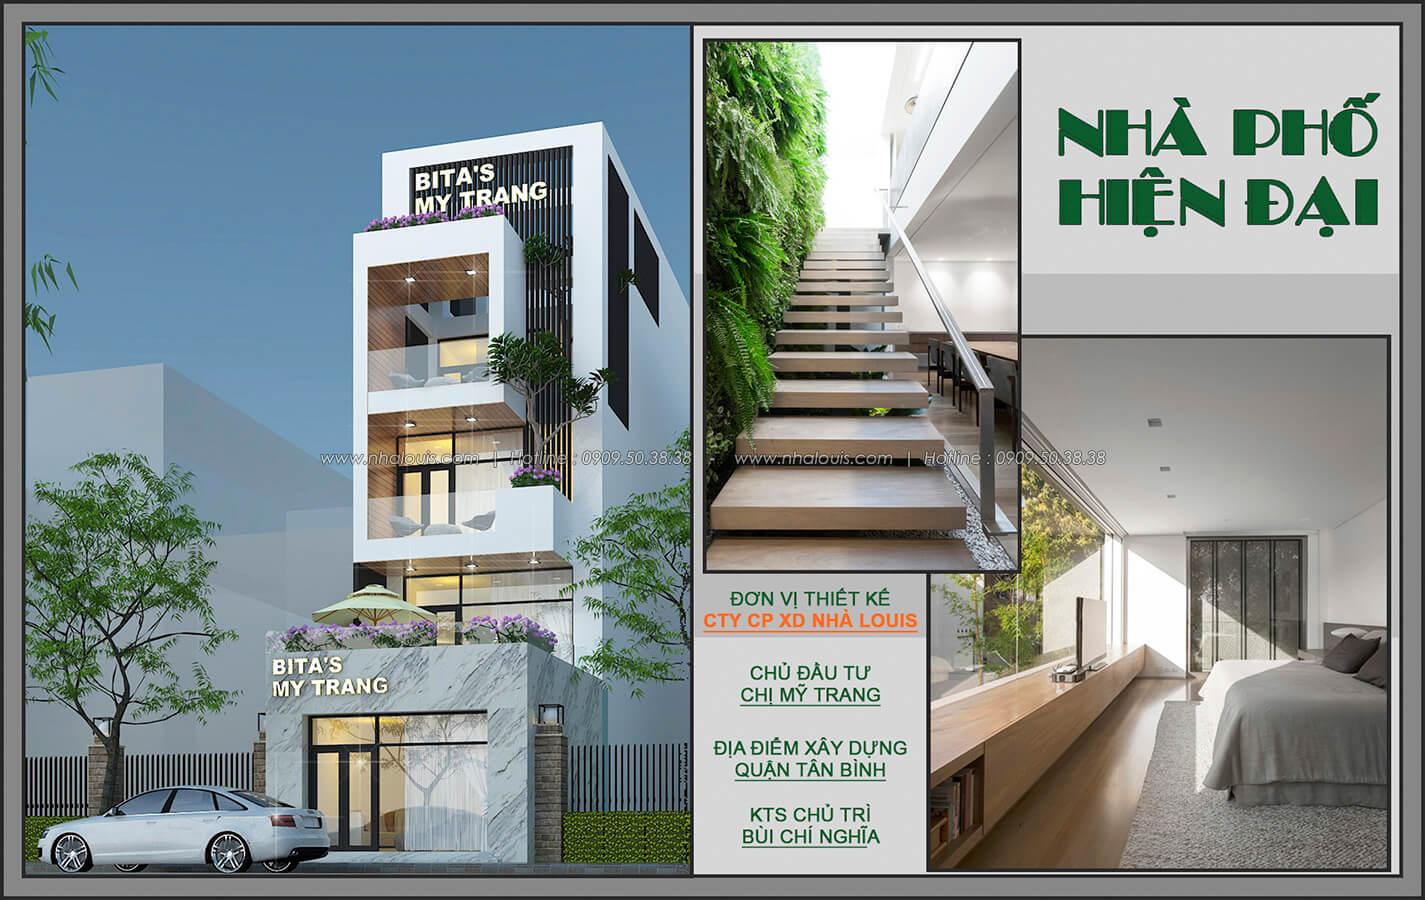 Tư vấn thiết kế nhà phố mặt tiền 5m kết hợp kinh doanh tại Tân Bình - 01